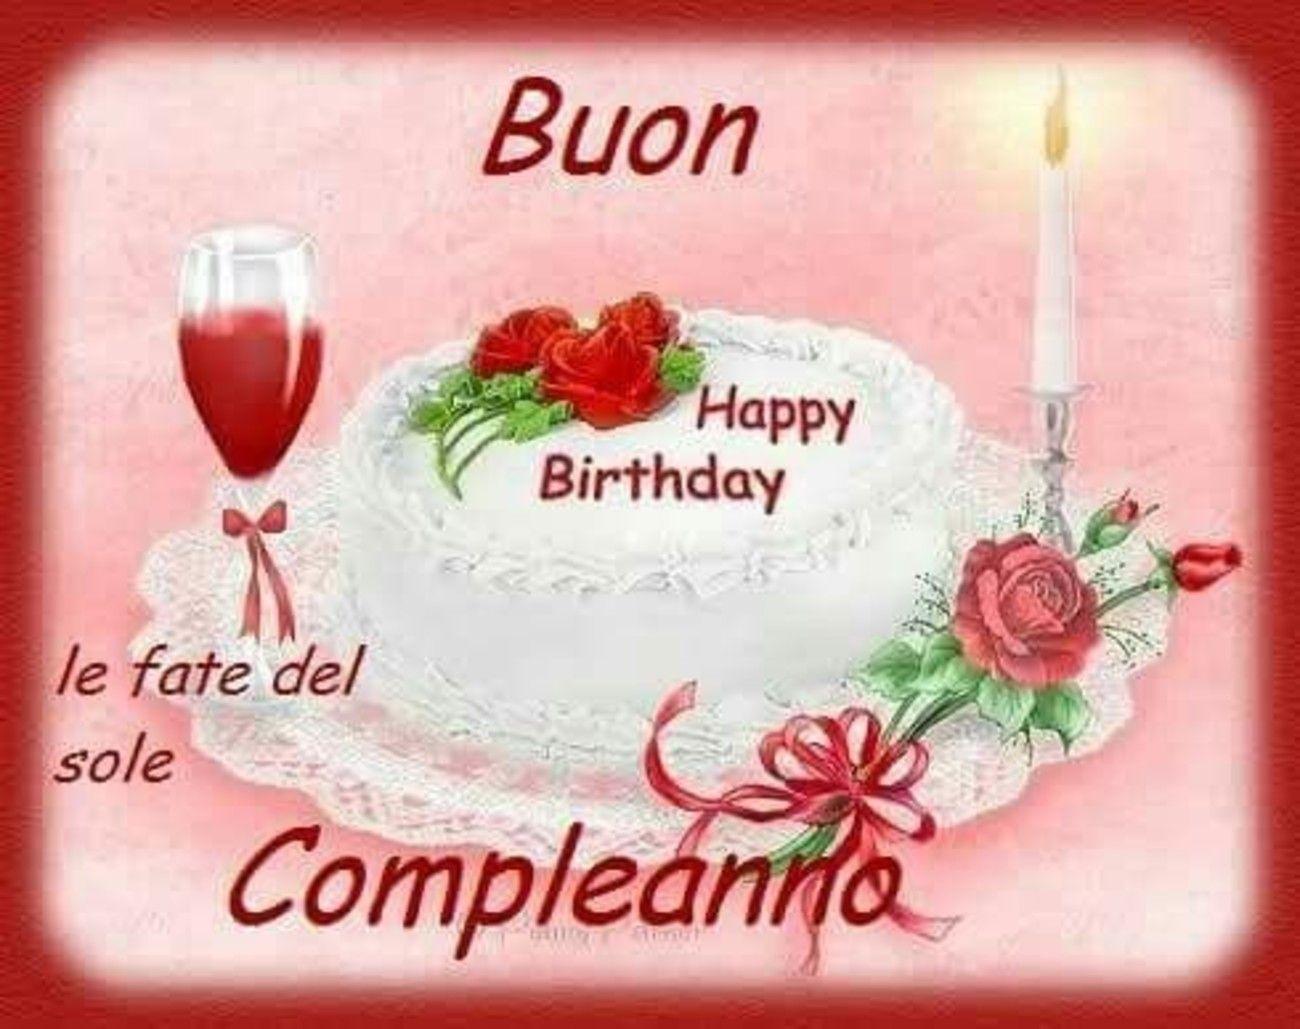 Buon Compleanno 102 Buongiorno Immagini It Buon Compleanno Compleanno Immagini Di Buon Compleanno